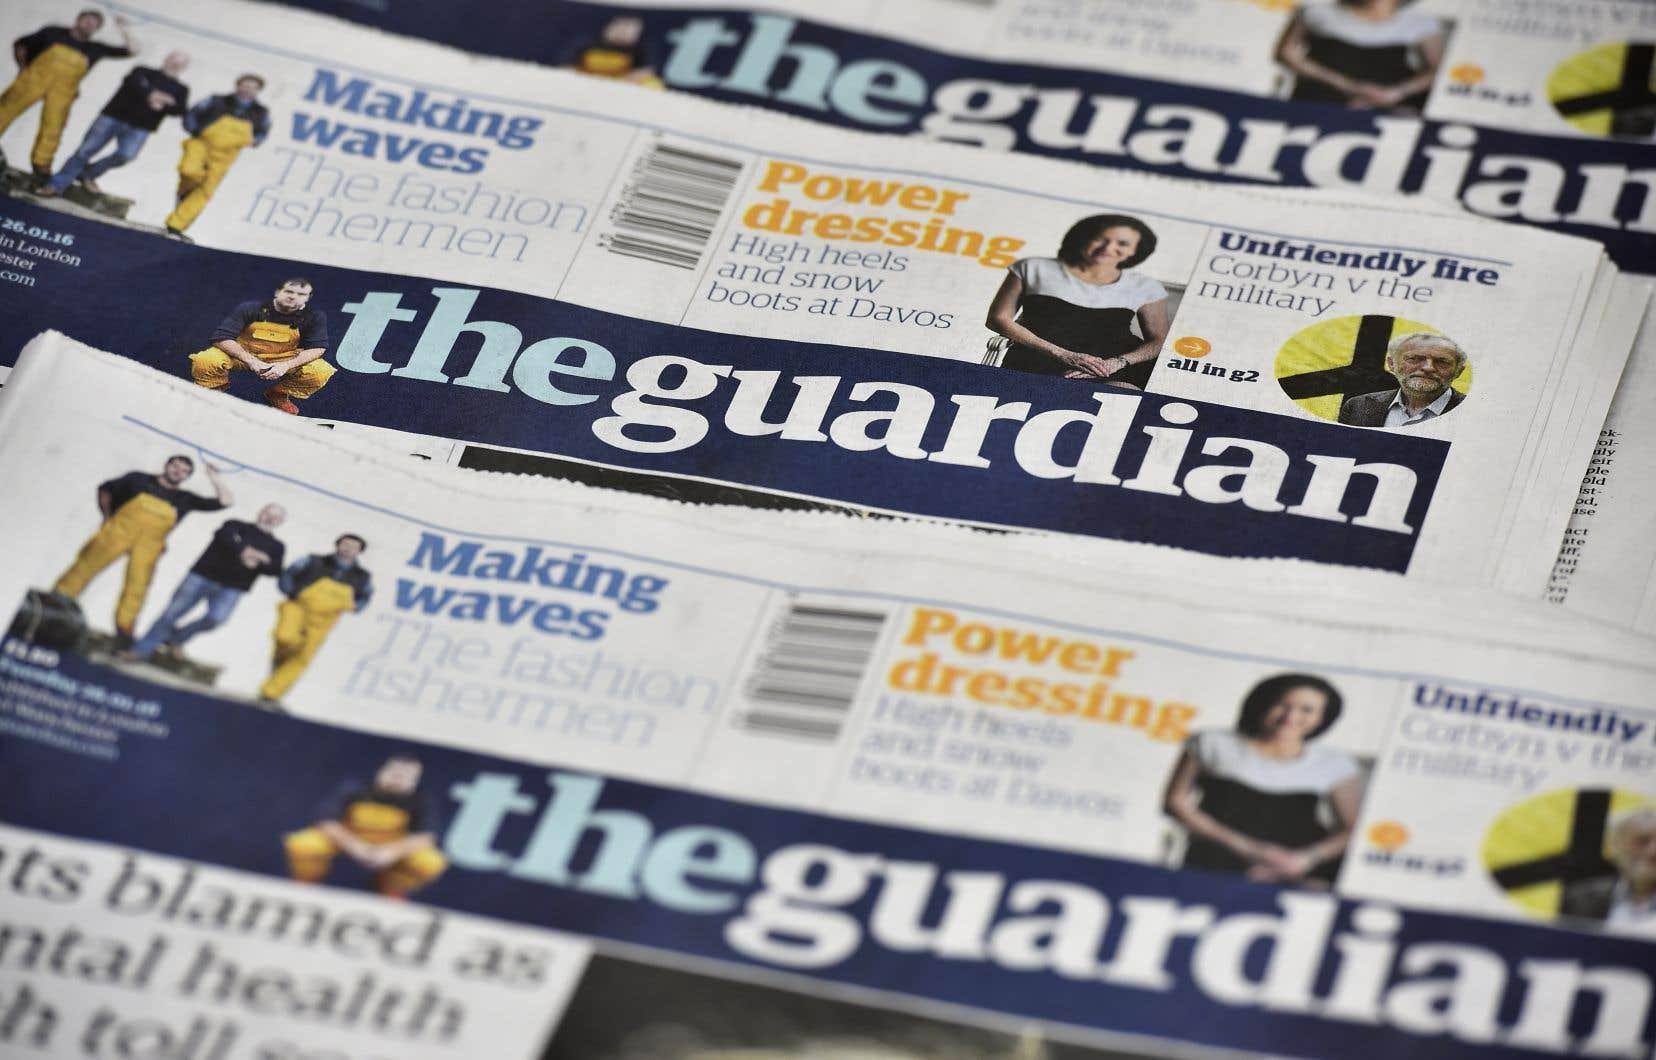 À l'automne, le «Guardian» a revu ses pratiques éditoriales, notamment en utilisant les termes «urgence climatique» plutôt que «changement climatique».